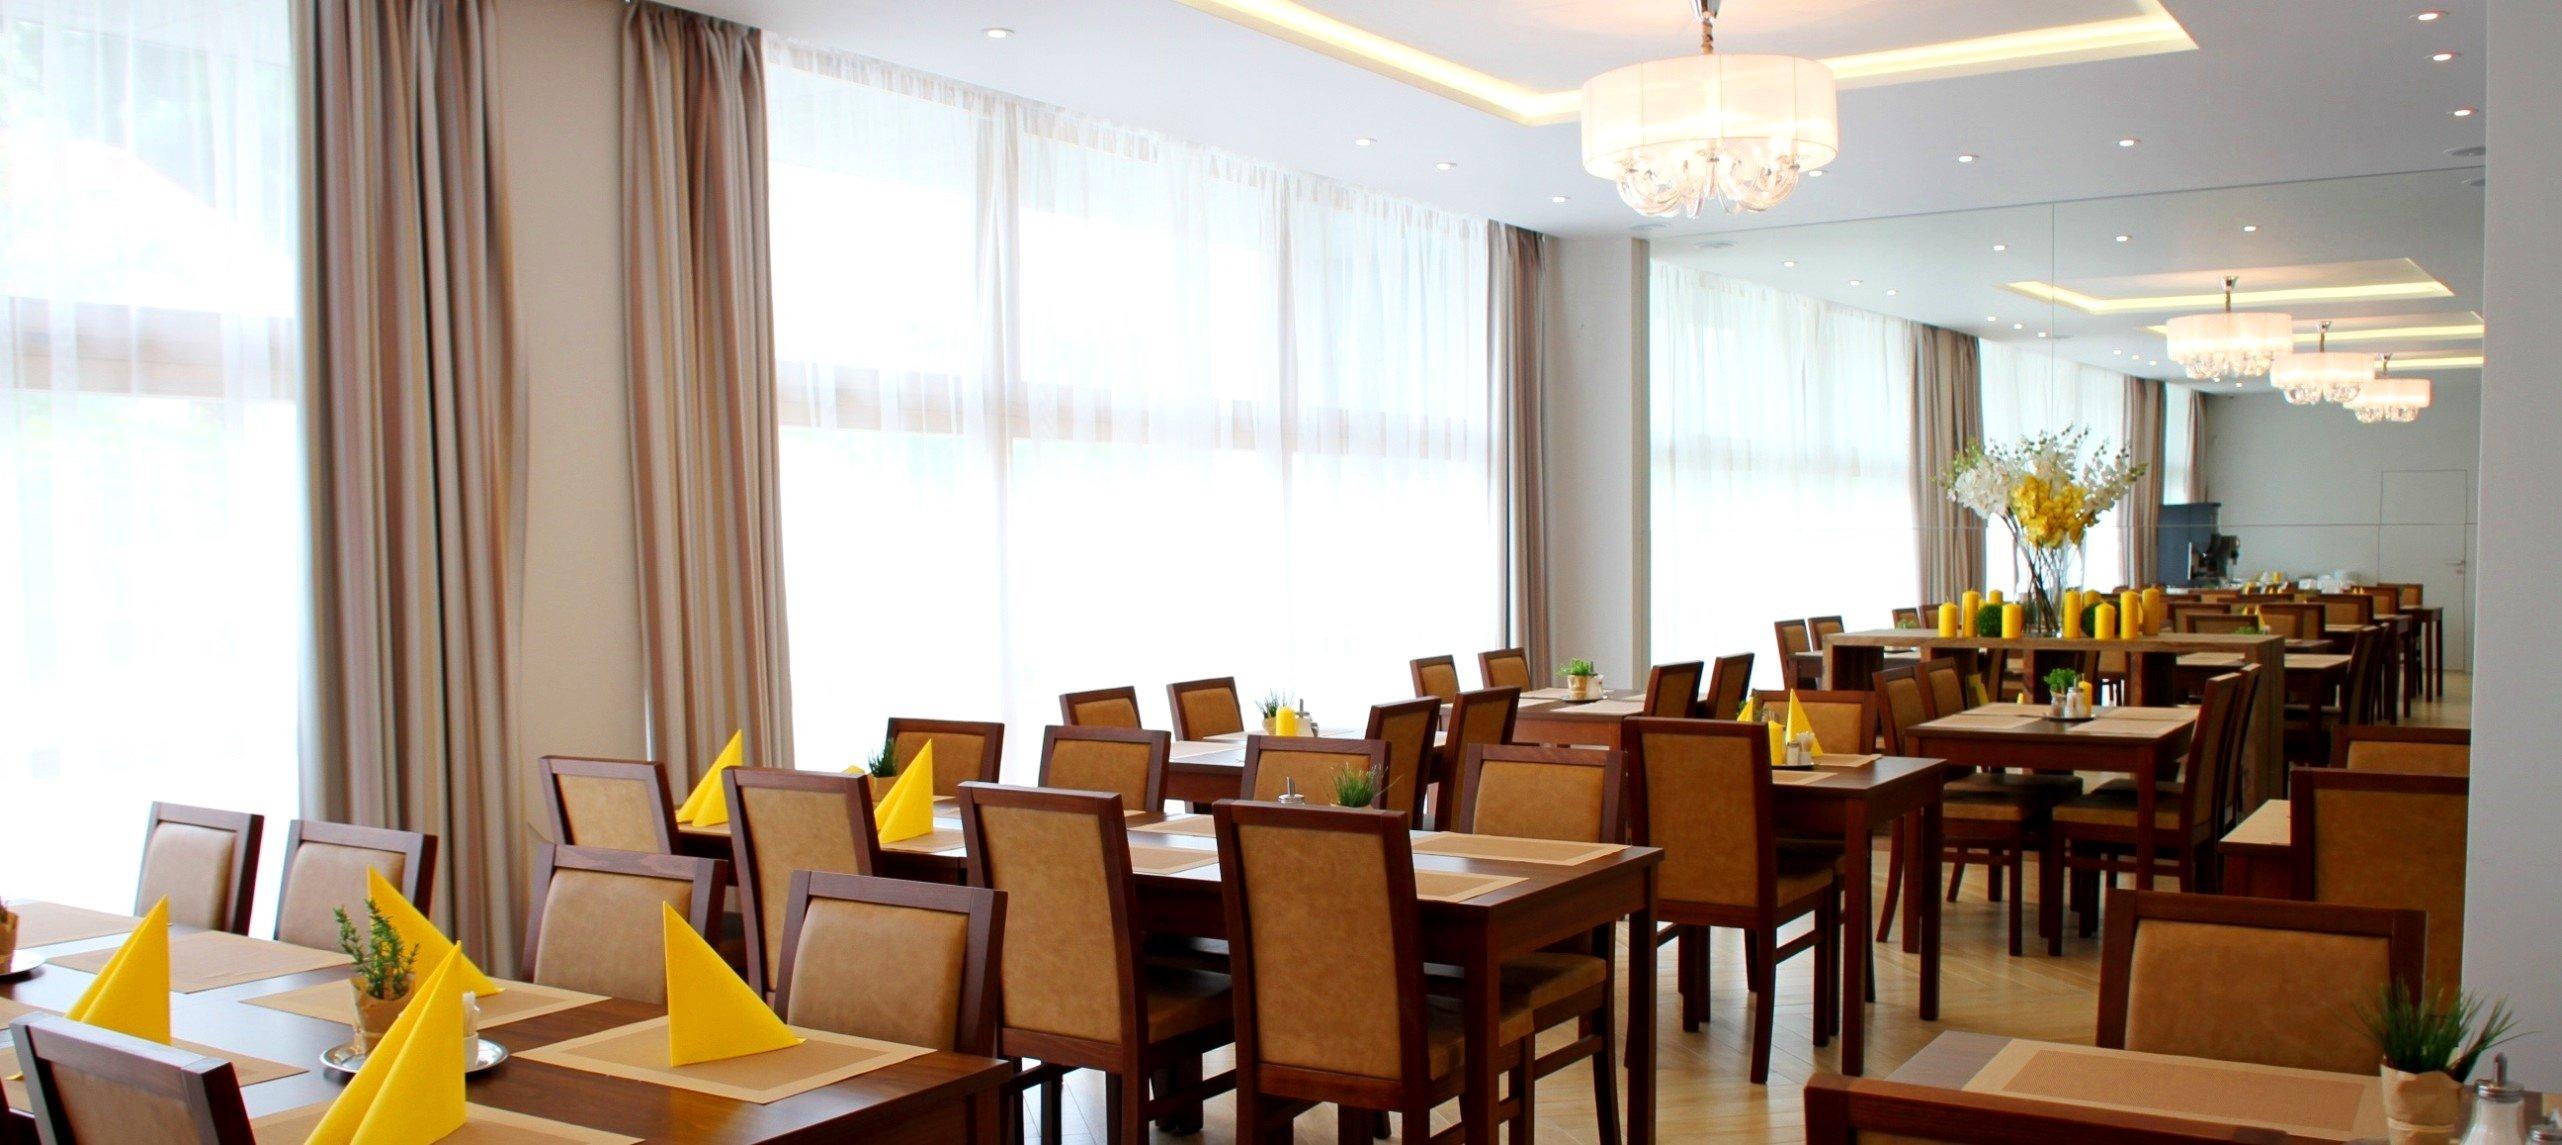 Snídaňová Restaurace / Breakfast Room